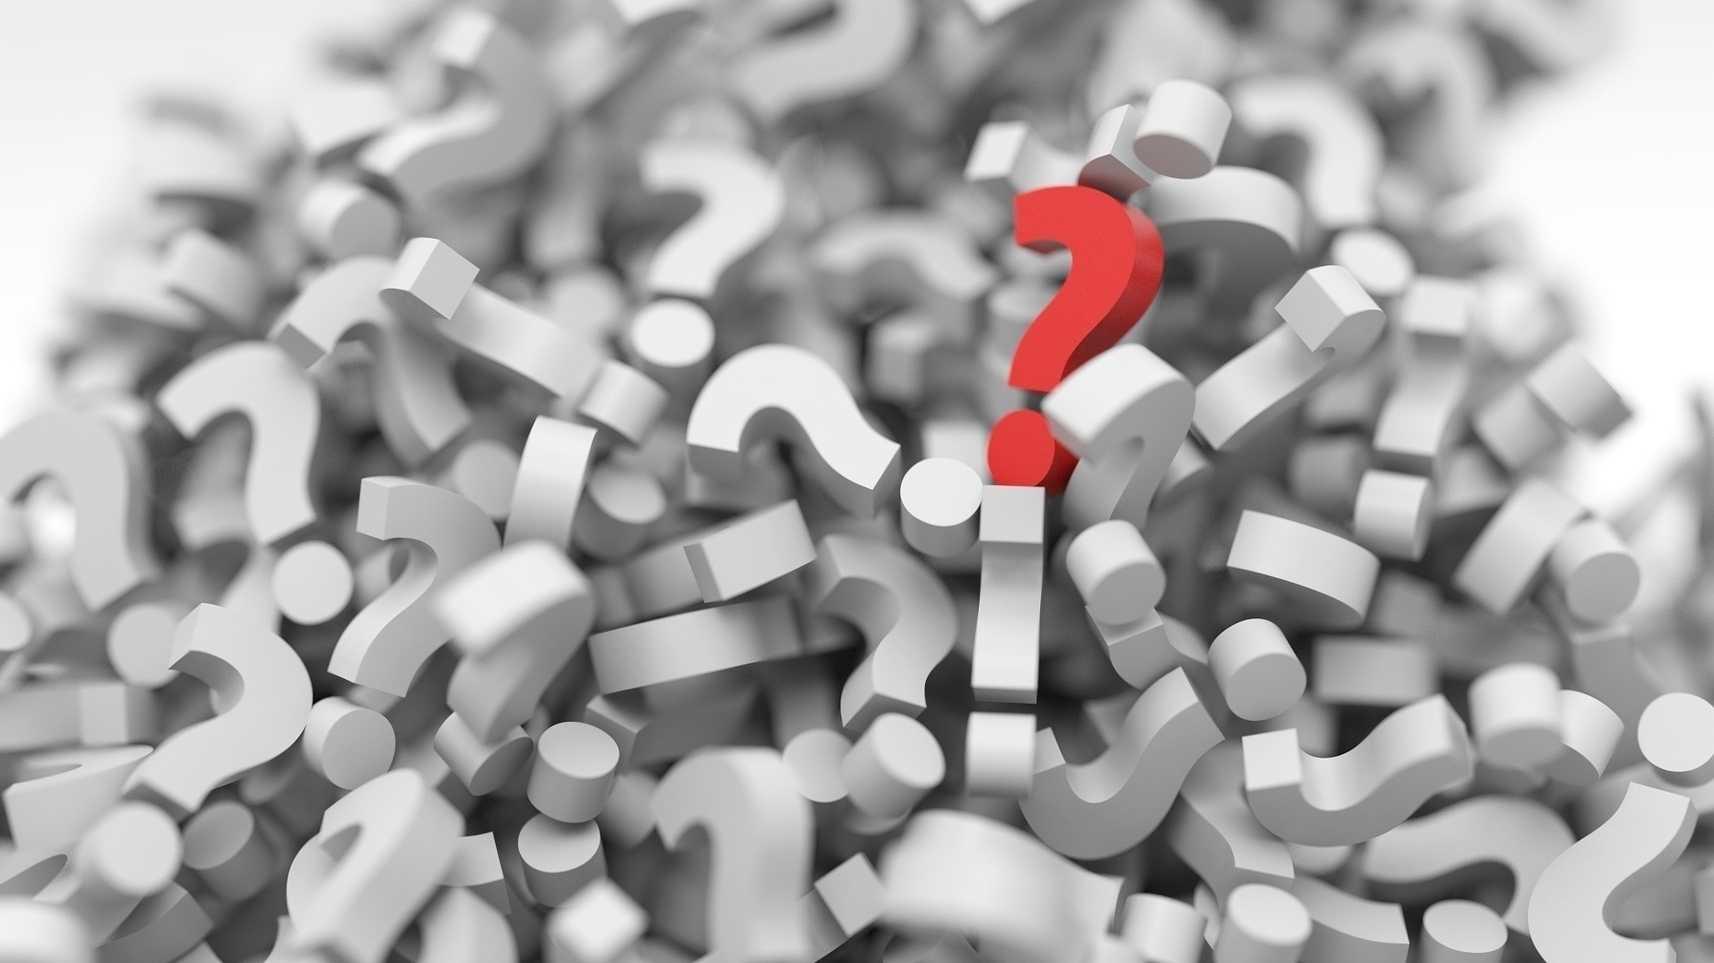 Missing Link: IETF im Interessenkonflikt – kuriose Ideen für Standardisierungen